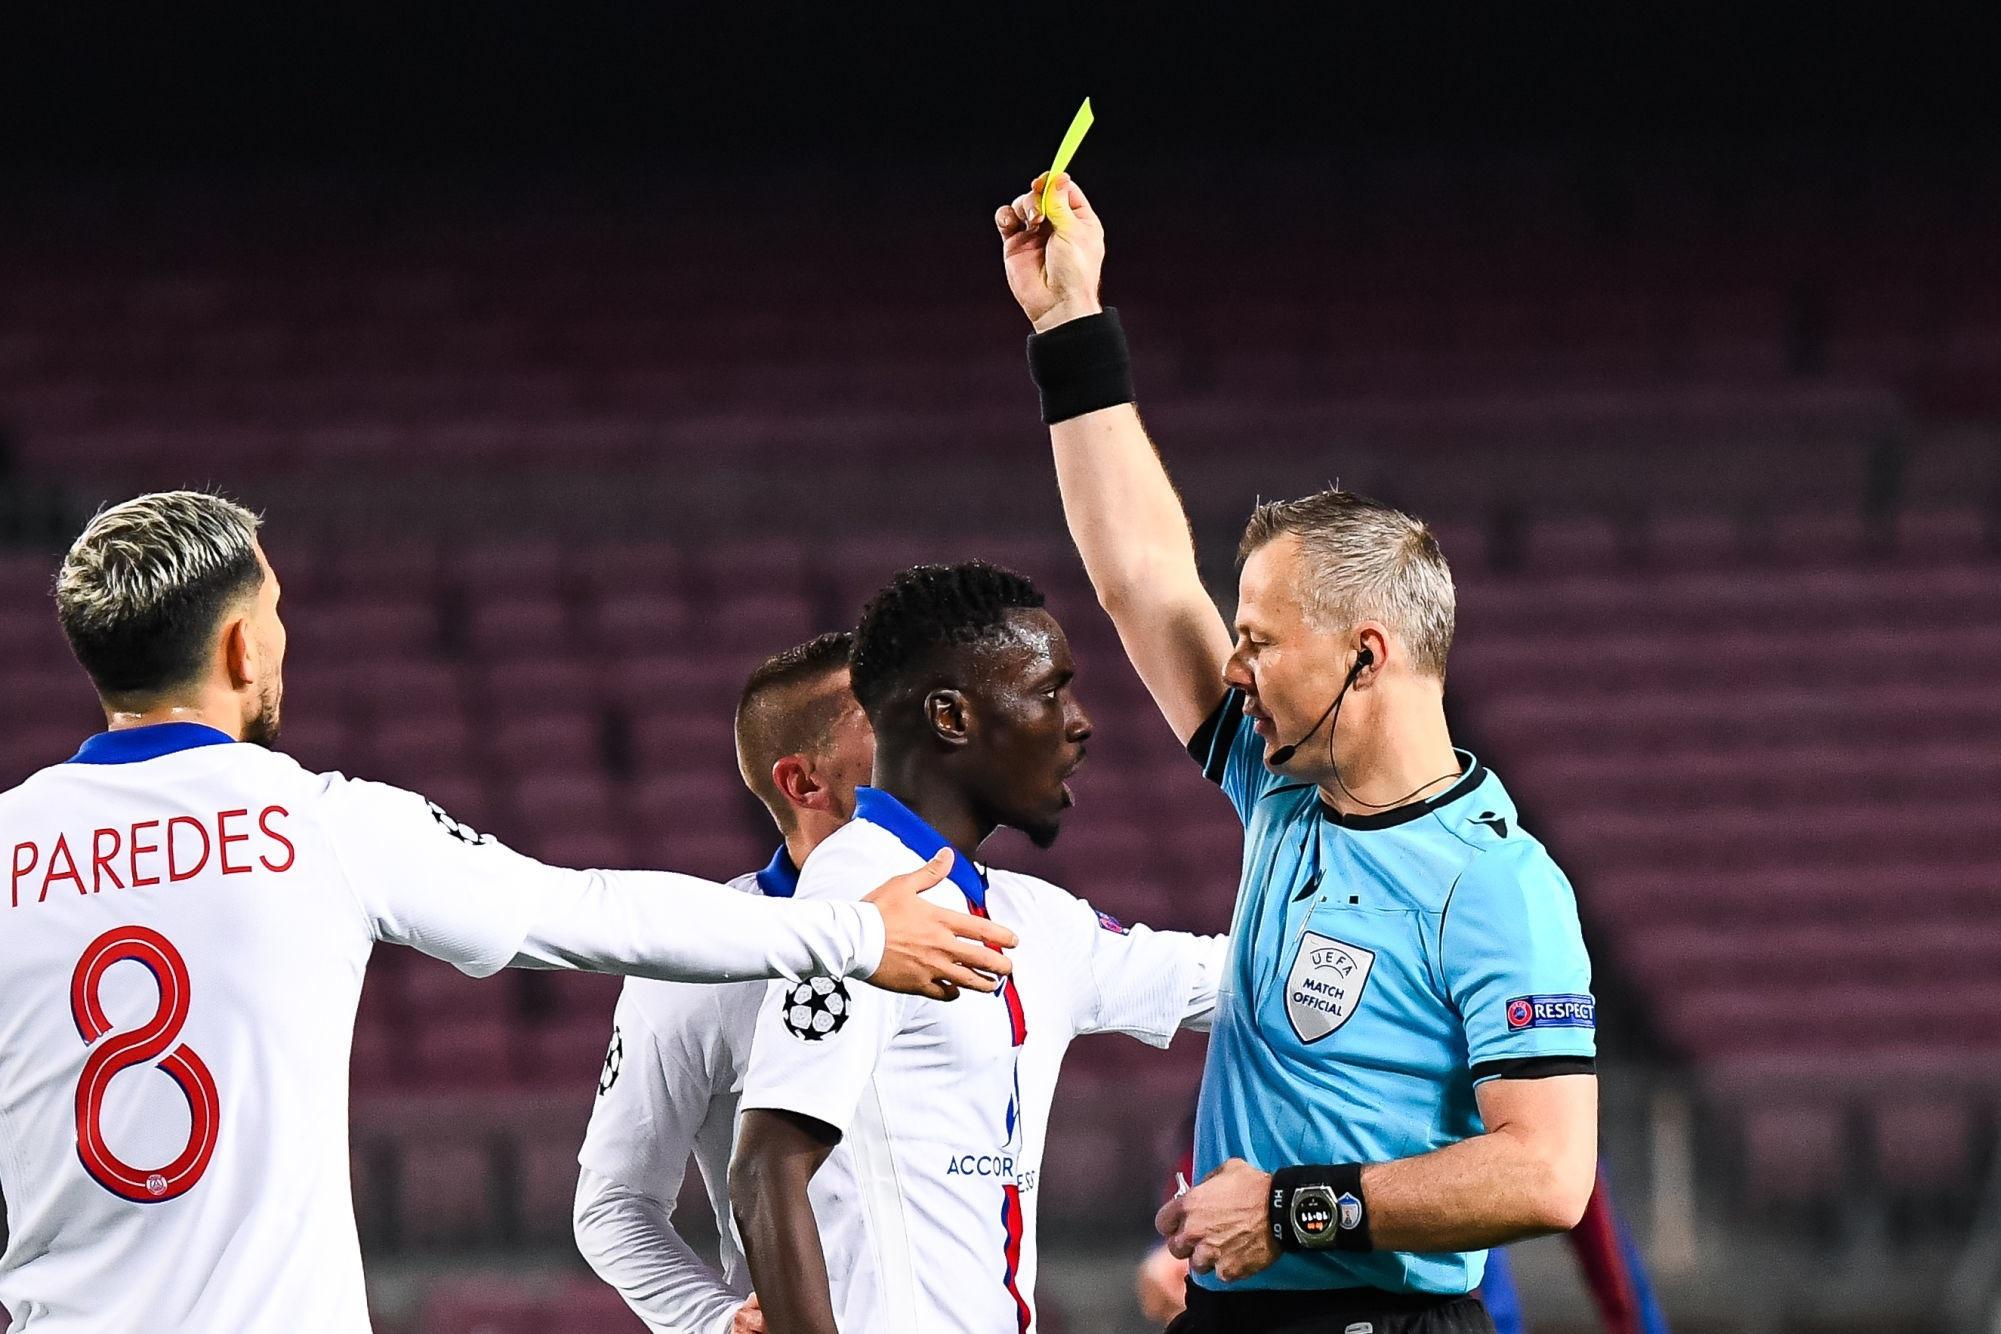 PSG/Saint-Etienne - Gueye et Paredes logiquement suspendus